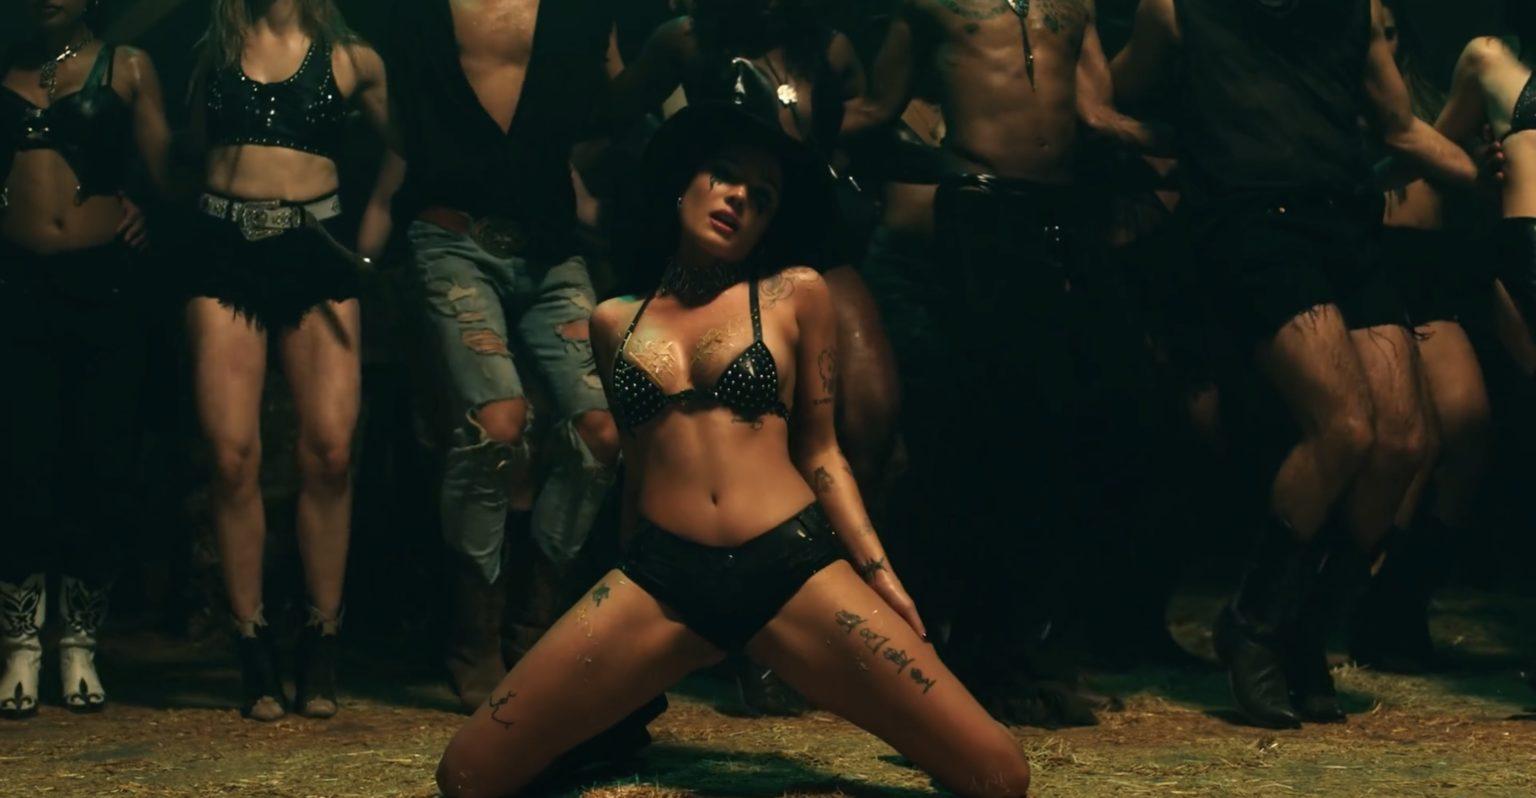 Halsey porno nuda singolo, Halsey nuda video musicale ...